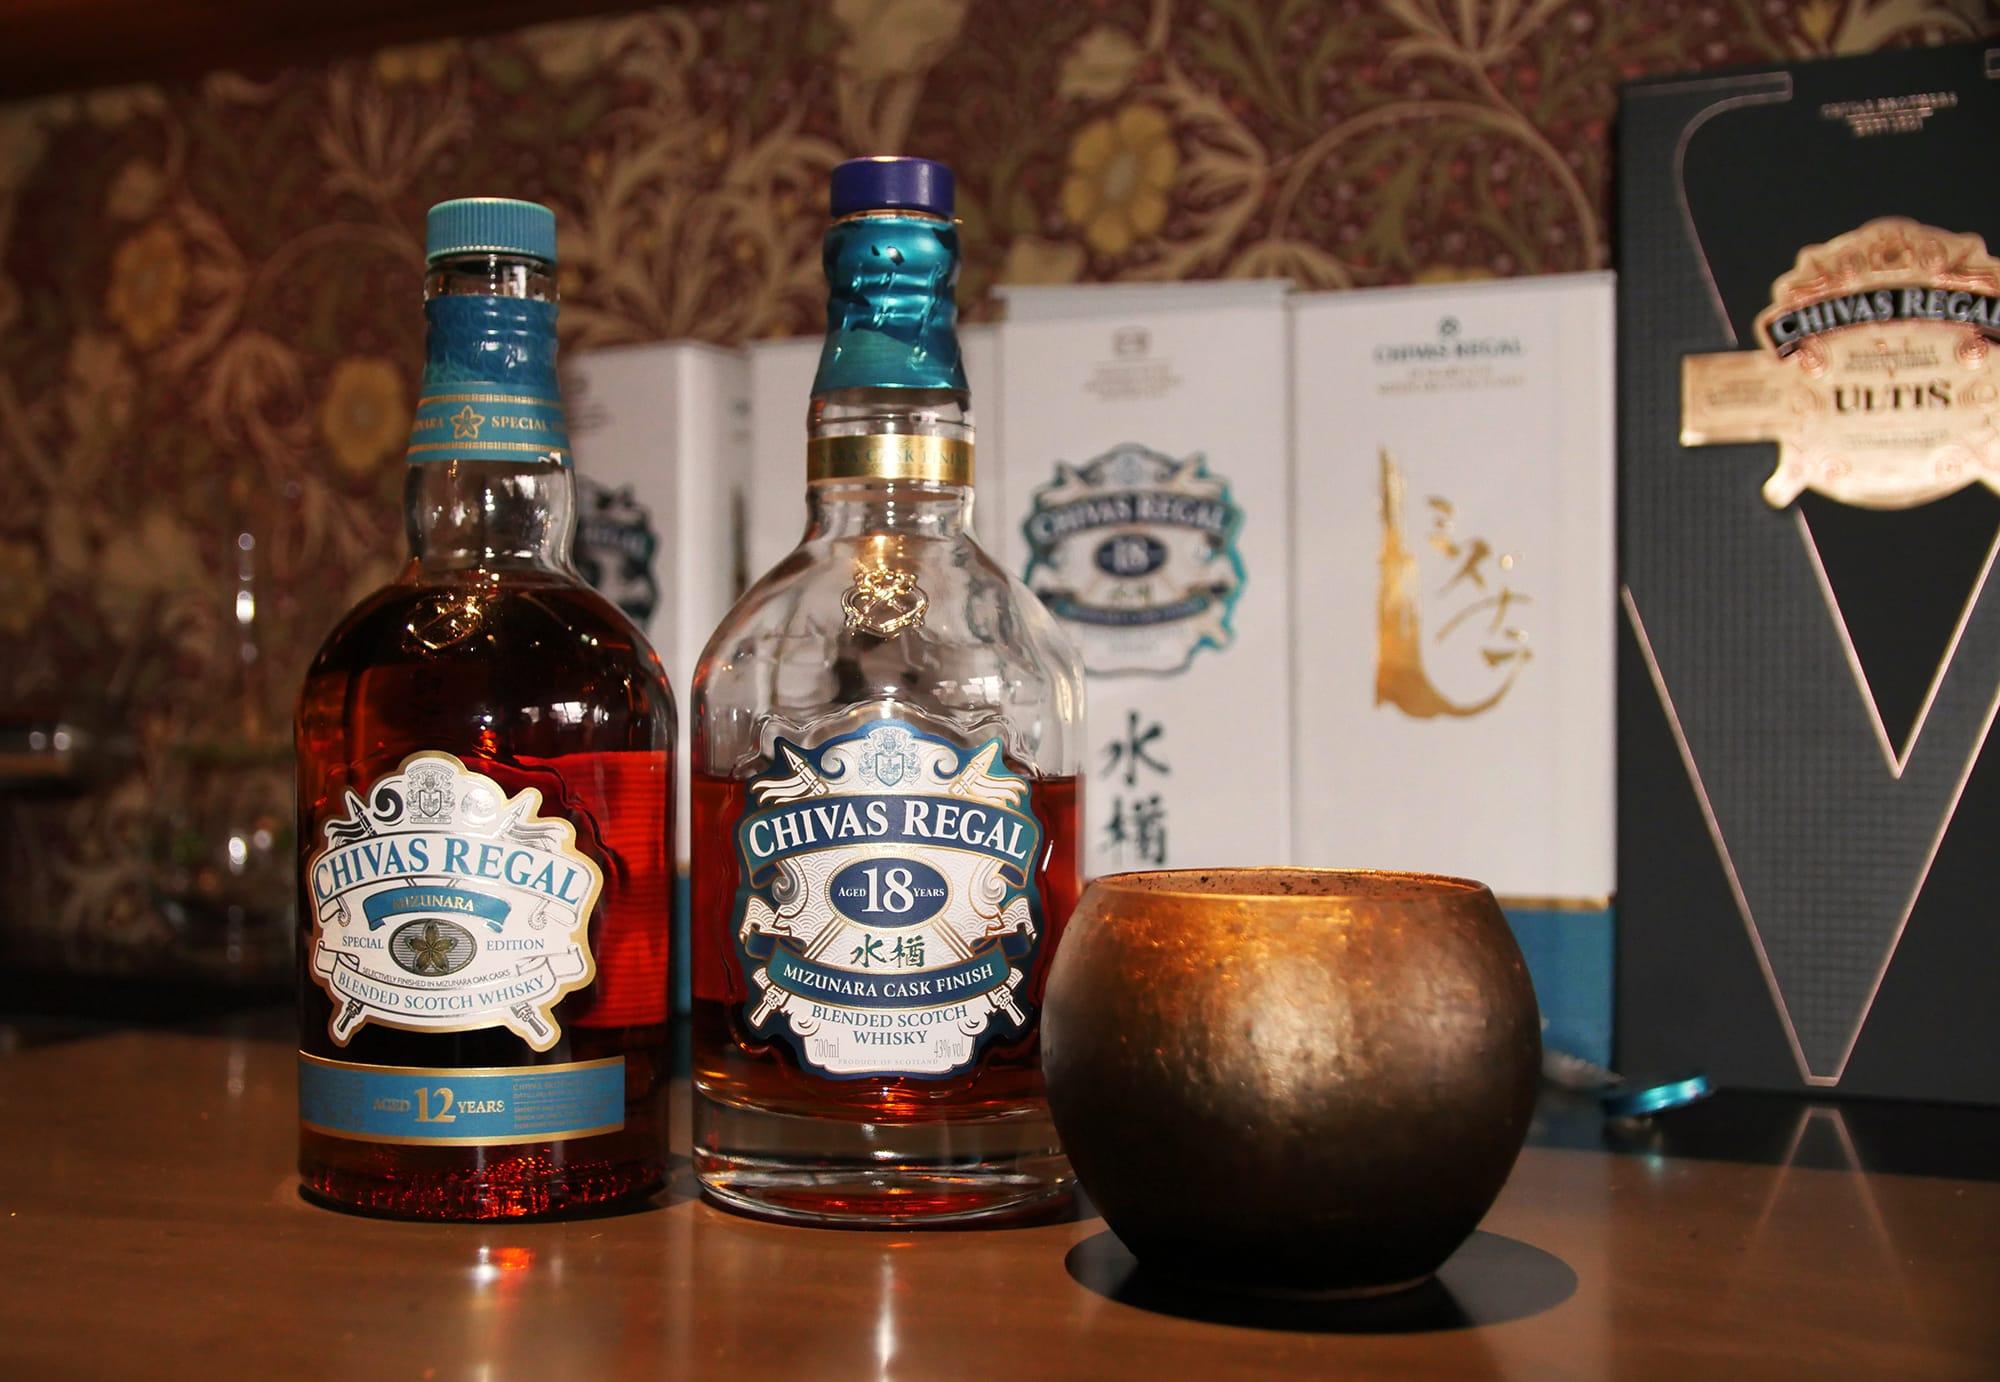 2013年発売の「シーバスリーガル ミズナラ12年」と2020年1月に発売された「シーバスリーガル18年ミズナラカスクフィニッシュ」。桝田酒造店のウィスキーラウンジバーでは、岩瀬在住の陶芸家・釋永 岳のグラスで楽しむ。